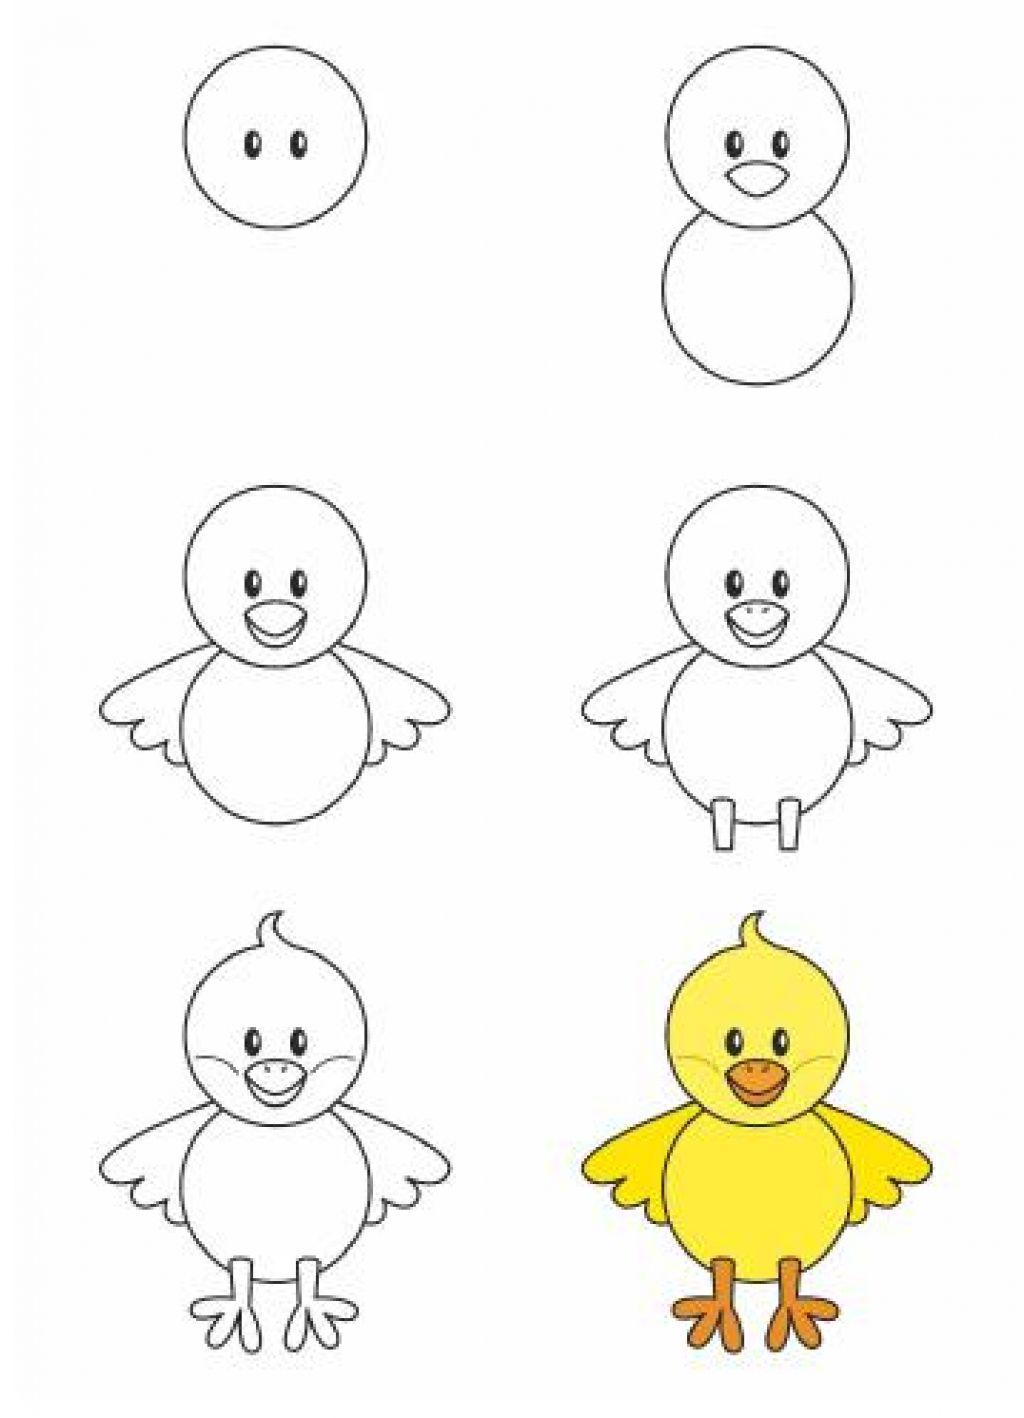 Apprendre A Dessiner Aux Enfants Etape Par Etape 17 Animaux